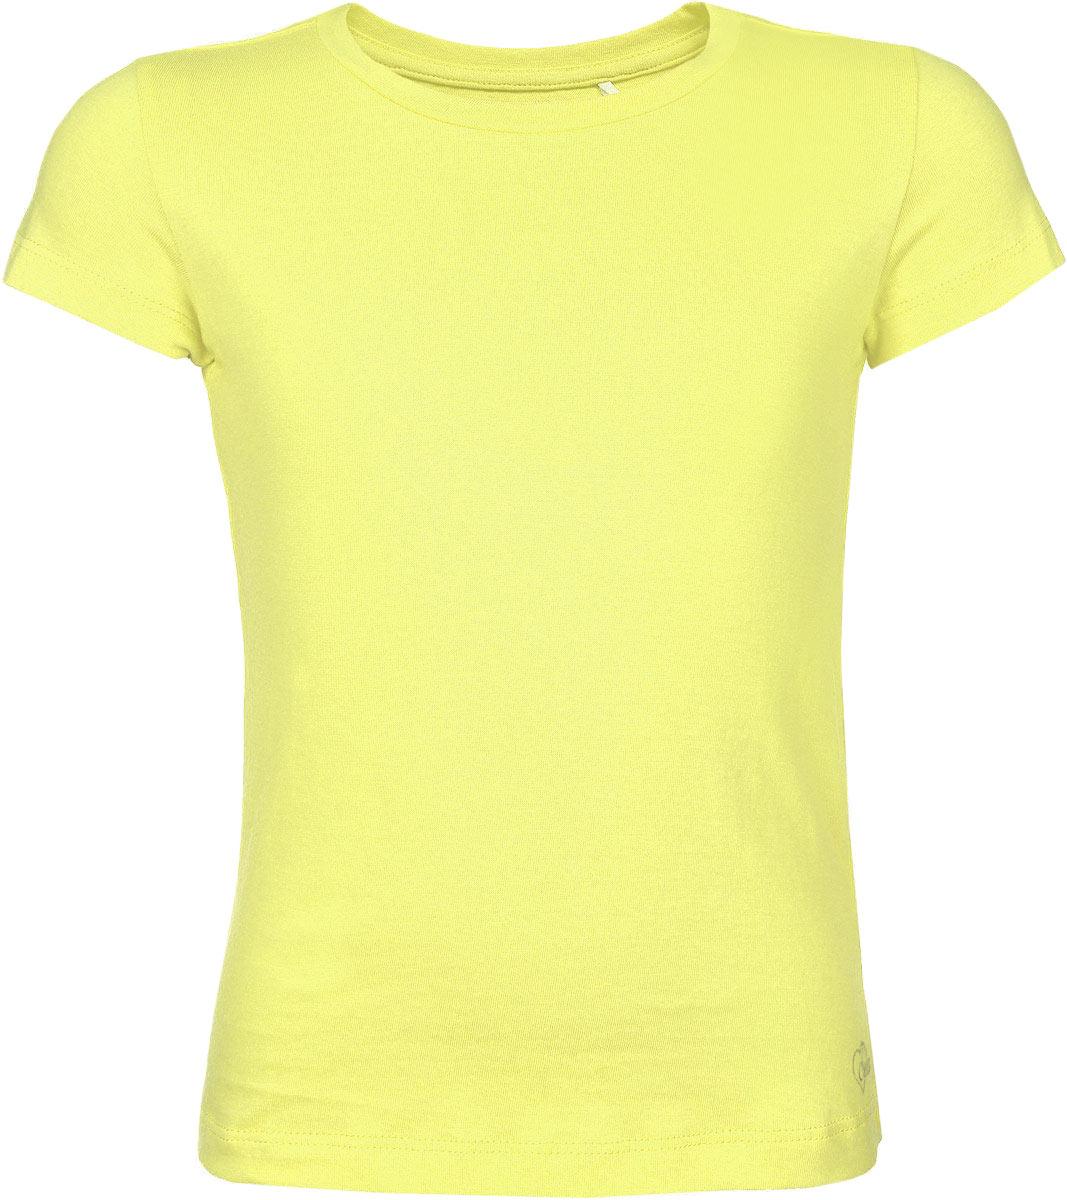 Футболка для девочки. Ts-611/066-6111Ts-611/066-6111Стильная футболка для девочки Sela идеально подойдет вашей дочурке. Изготовленная из натурального хлопка, она необычайно мягкая и приятная на ощупь, не сковывает движения и позволяет коже дышать, не раздражает даже самую нежную и чувствительную кожу ребенка, обеспечивая ему наибольший комфорт. Футболка трапециевидного кроя с короткими рукавами и круглым вырезом горловины снизу оформлена небольшой термоаппликацией в виде логотипа бренда. Вырез горловины дополнен трикотажной эластичной резинкой. Современный дизайн и расцветка делают эту футболку модным и стильным предметом детского гардероба. В ней ваша маленькая модница будет чувствовать себя уютно и комфортно, и всегда будет в центре внимания!